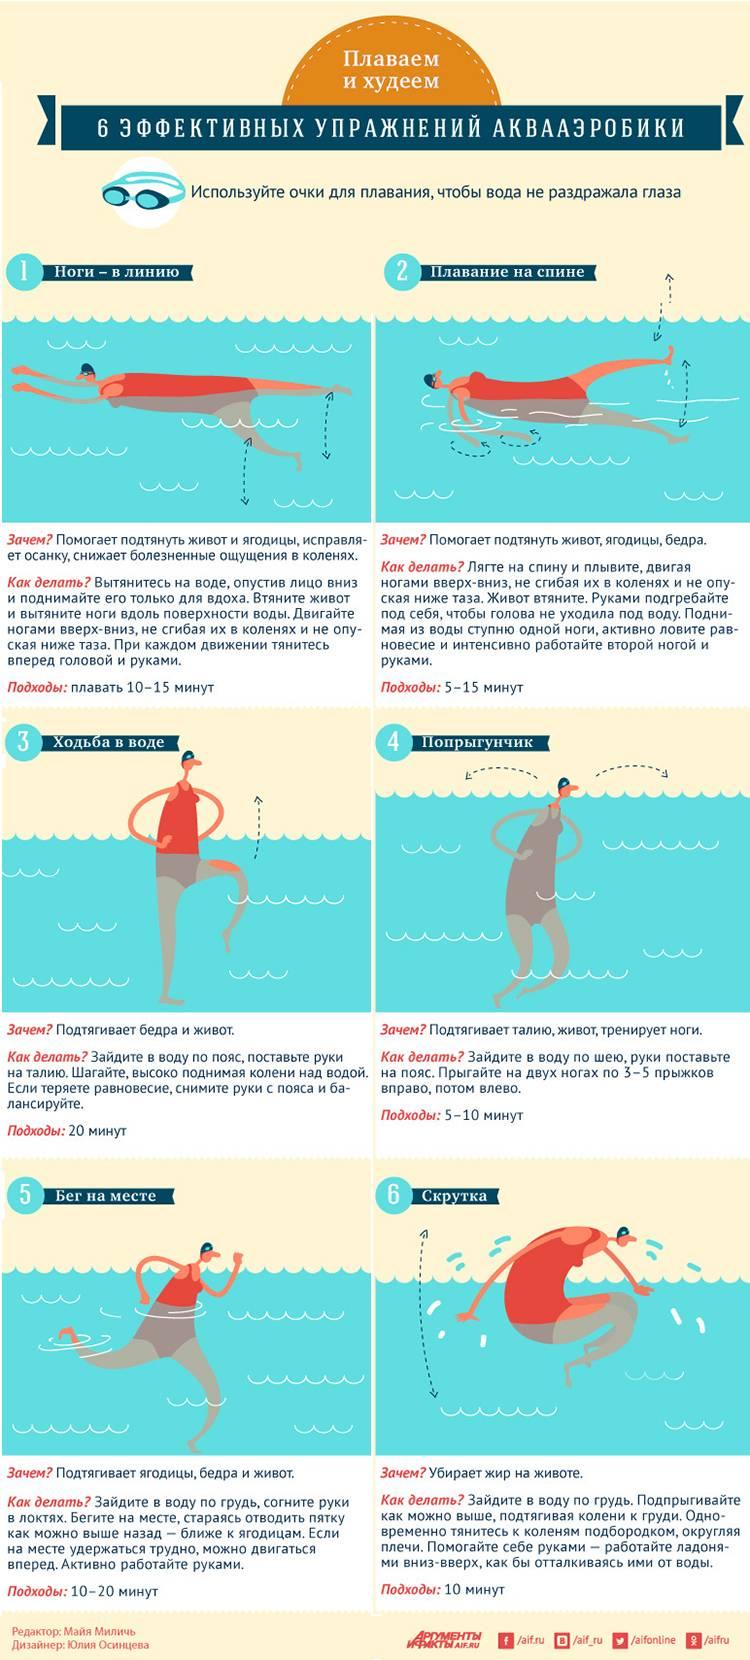 Плавание помогает для похудения